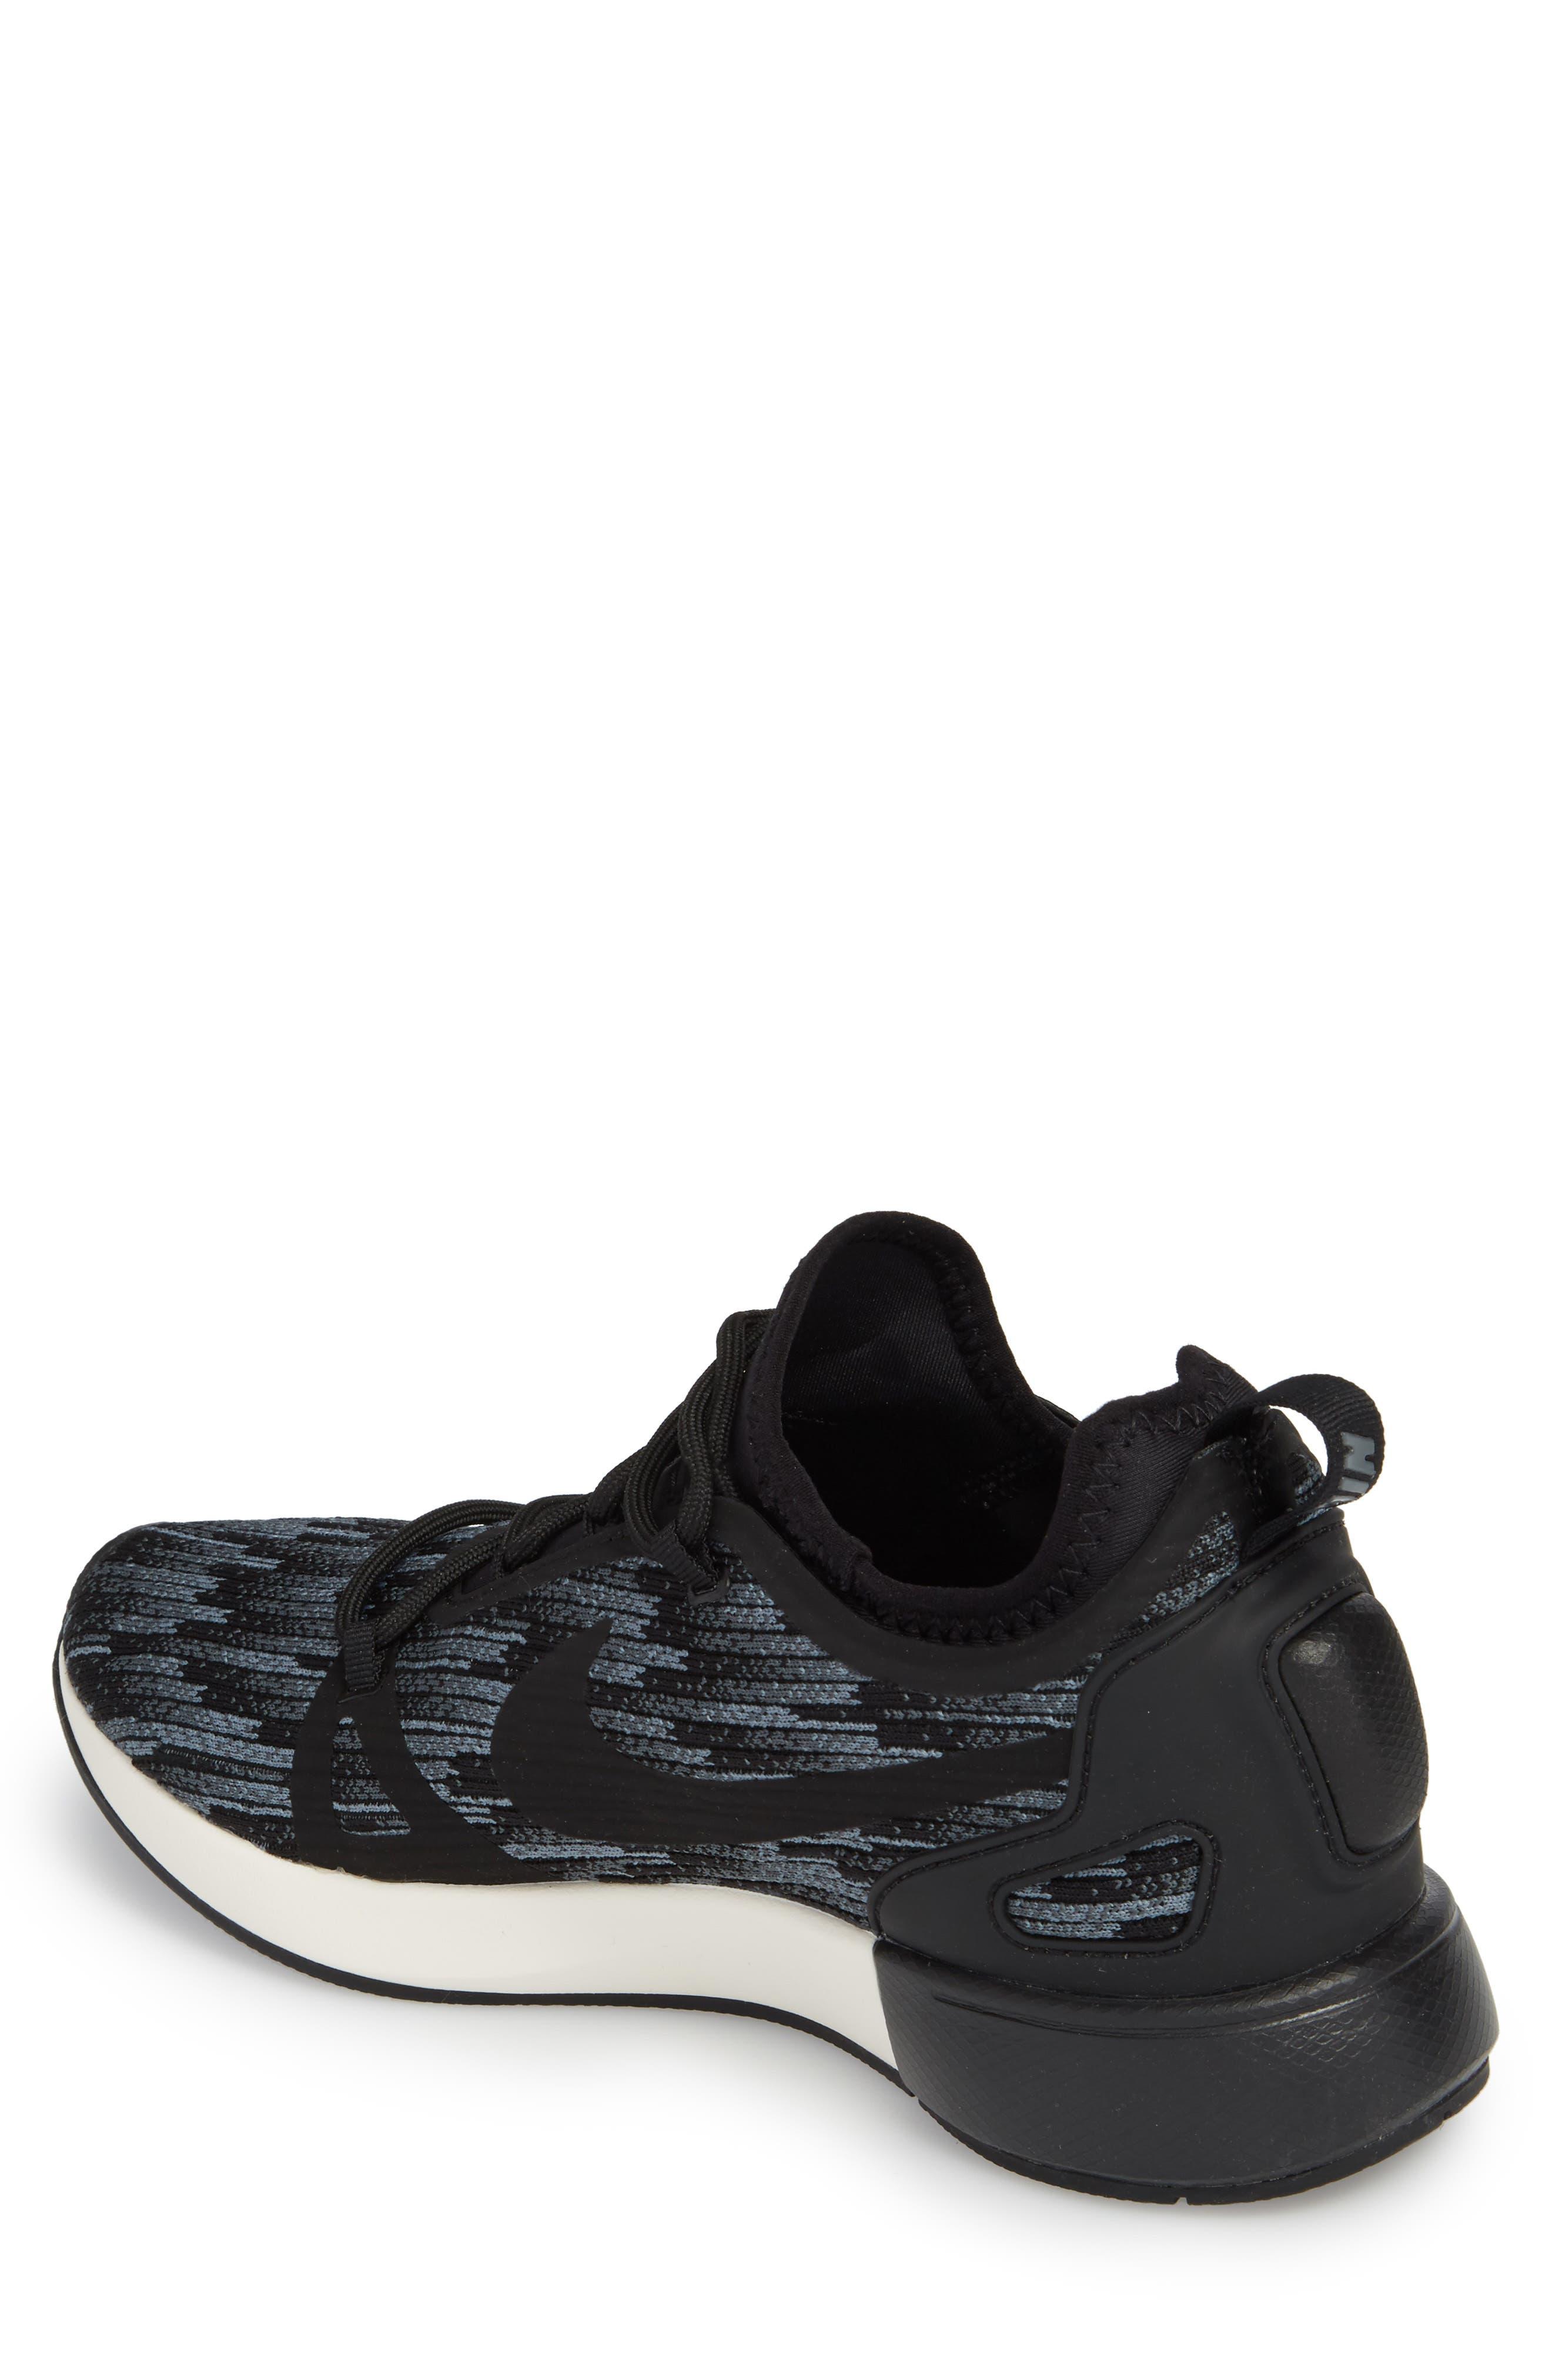 Duel Racer SE Knit Sneaker,                             Alternate thumbnail 2, color,                             020